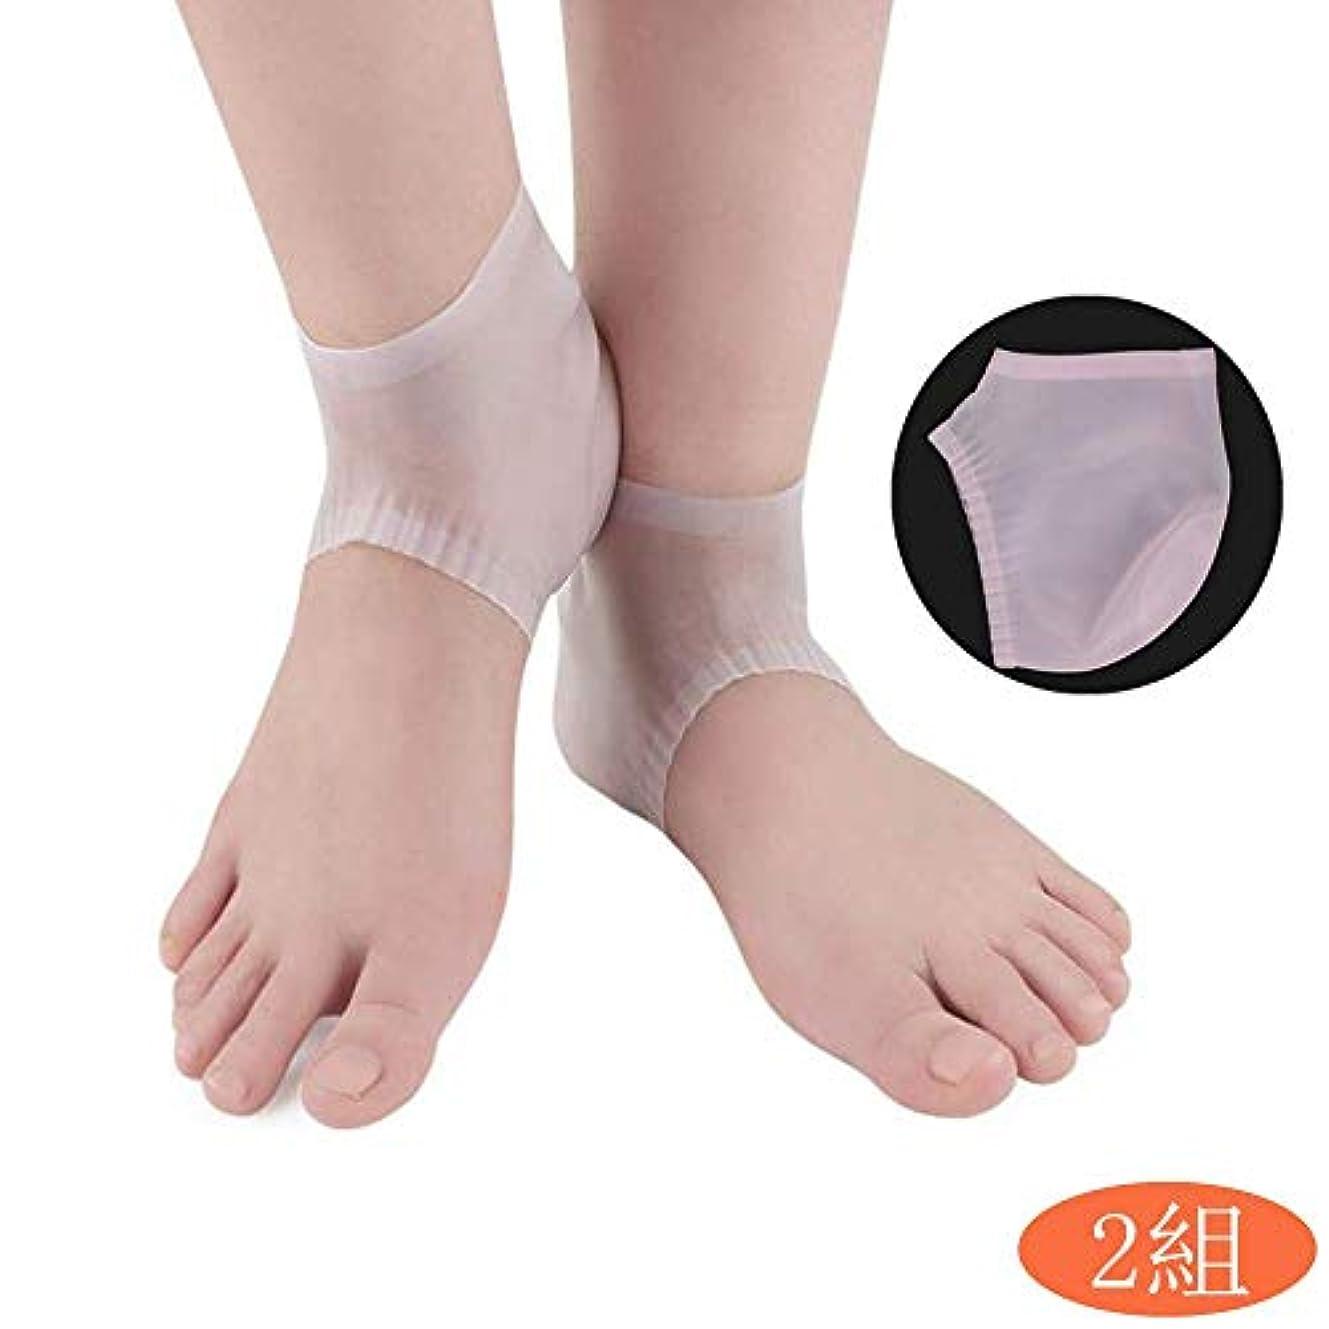 義務づける子音習熟度かかと保護カバー 靴ずれ防止 足底筋膜炎 踵 かかとサポーター 足裏サポート 足裂防止 ひび割れ防止 痛みを緩和 衝撃吸収 美足 足クッション 男女兼用(2組)